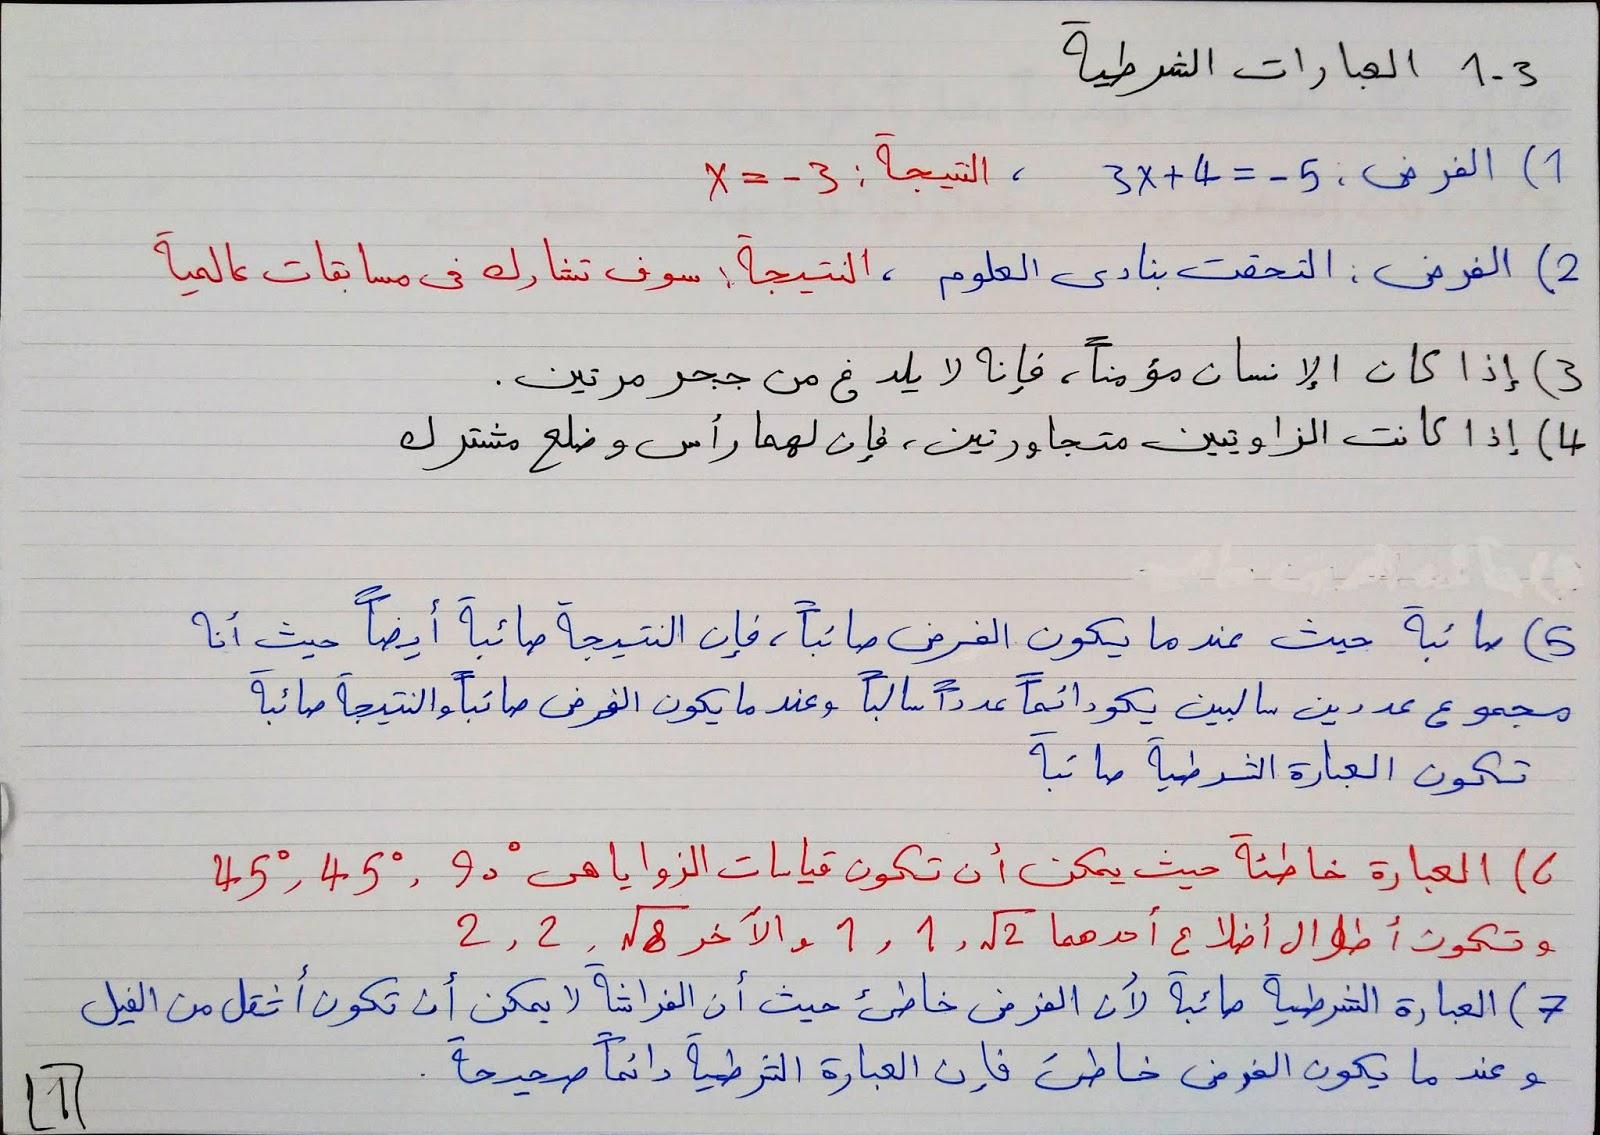 حل درس العبارات الشرطية كتاب التمارين